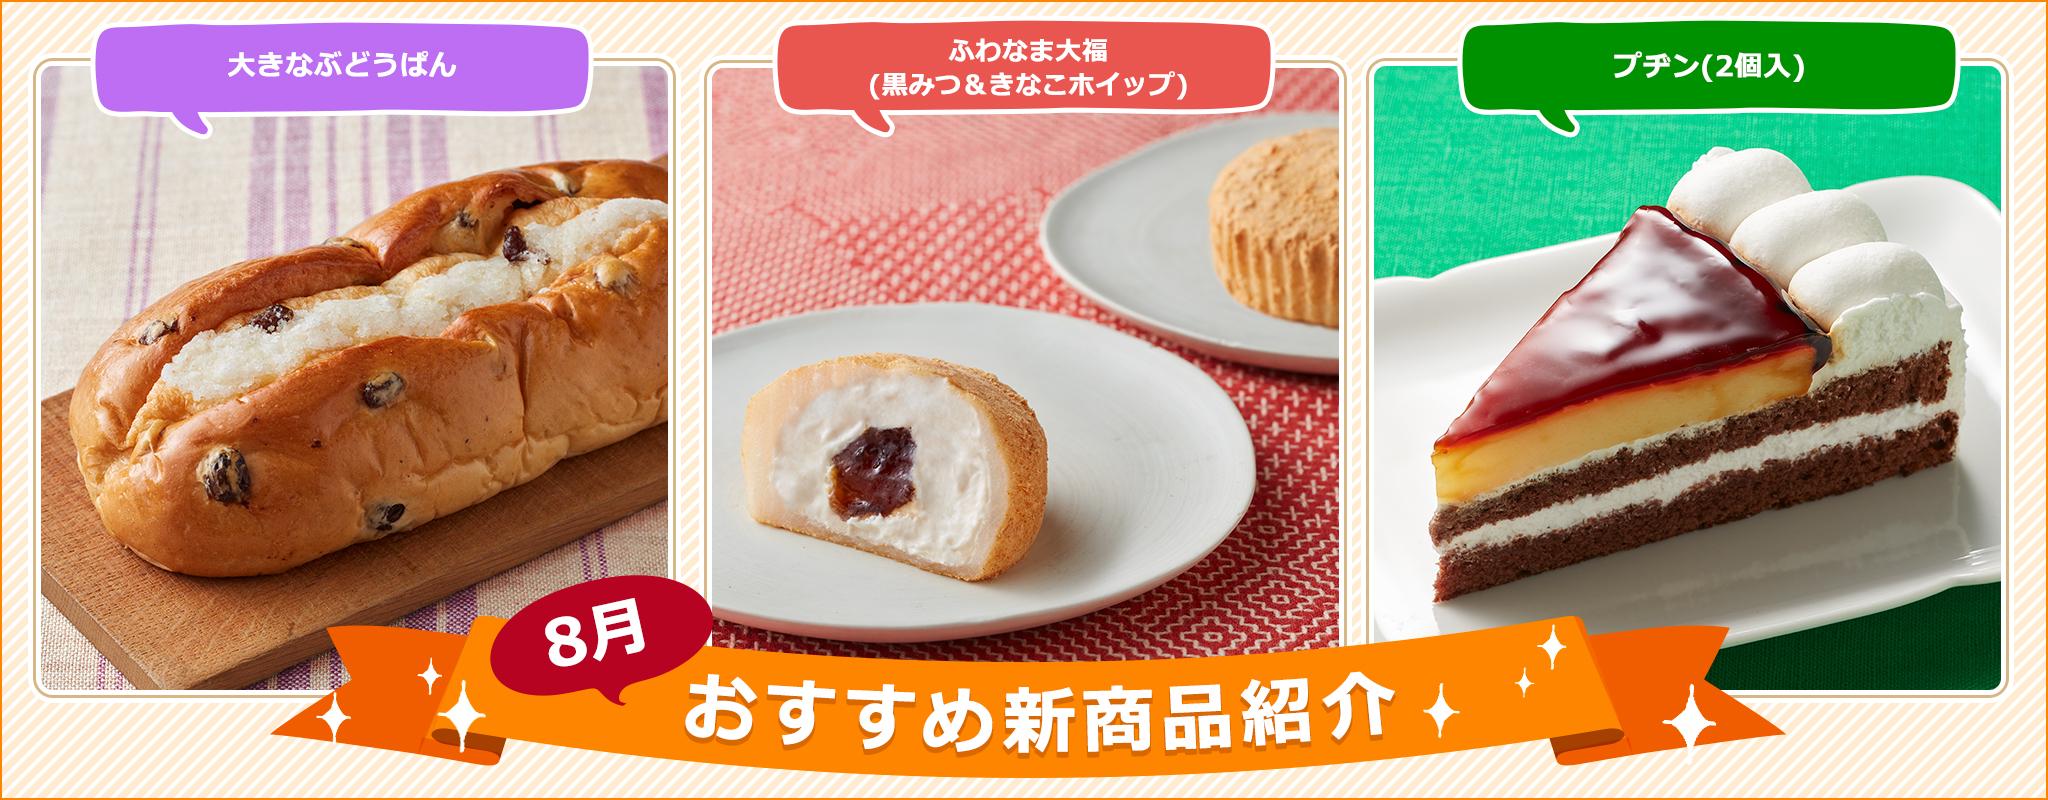 製 パン コロナ 山崎